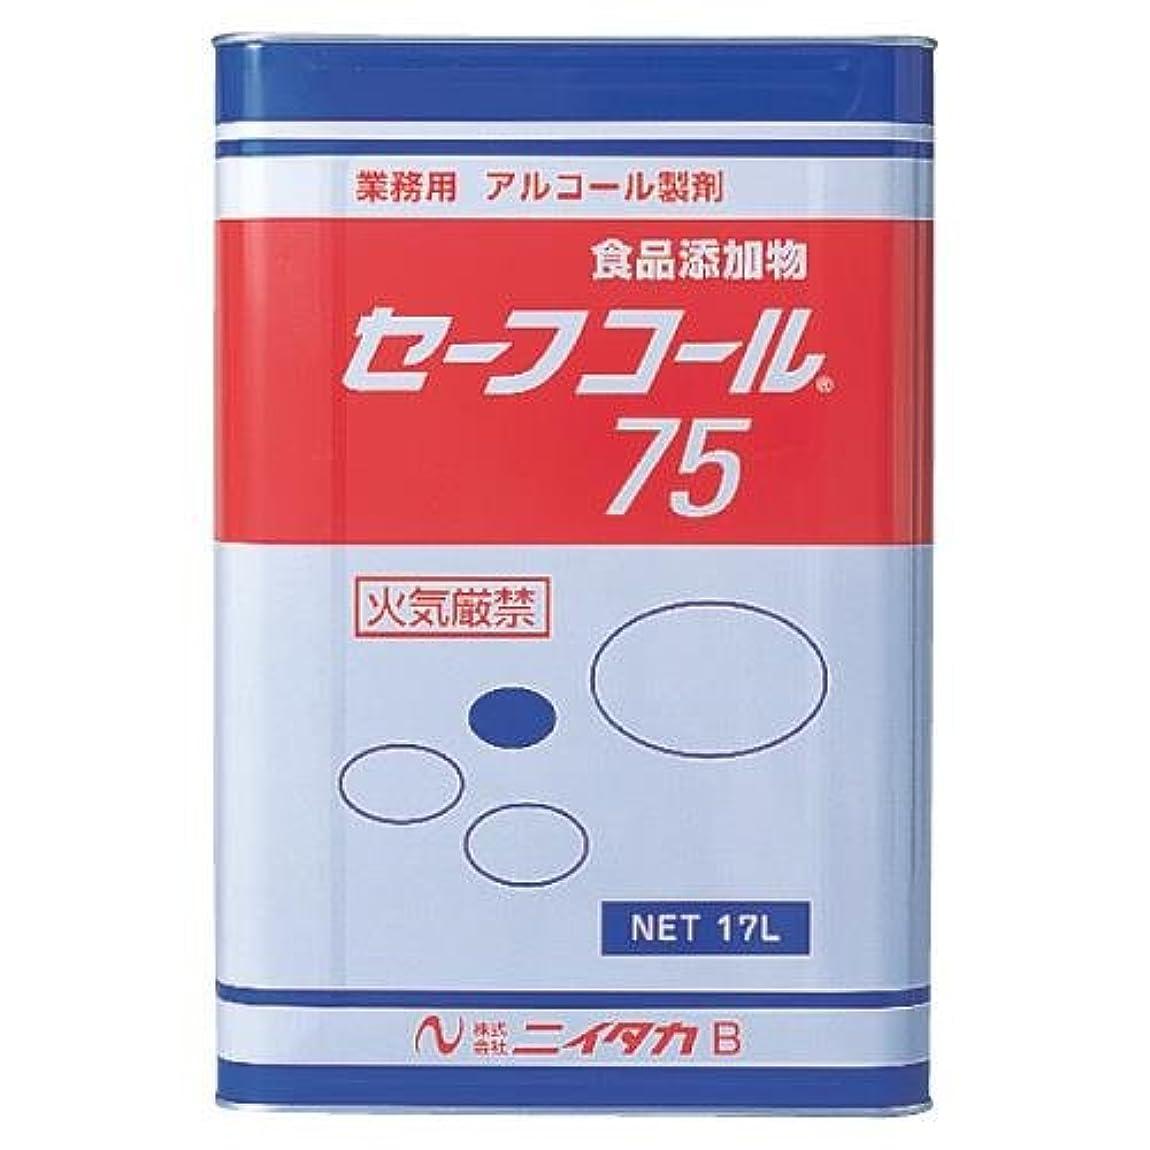 輝度雑種欺ニイタカ:セーフコール75(F-3) 17L 270201